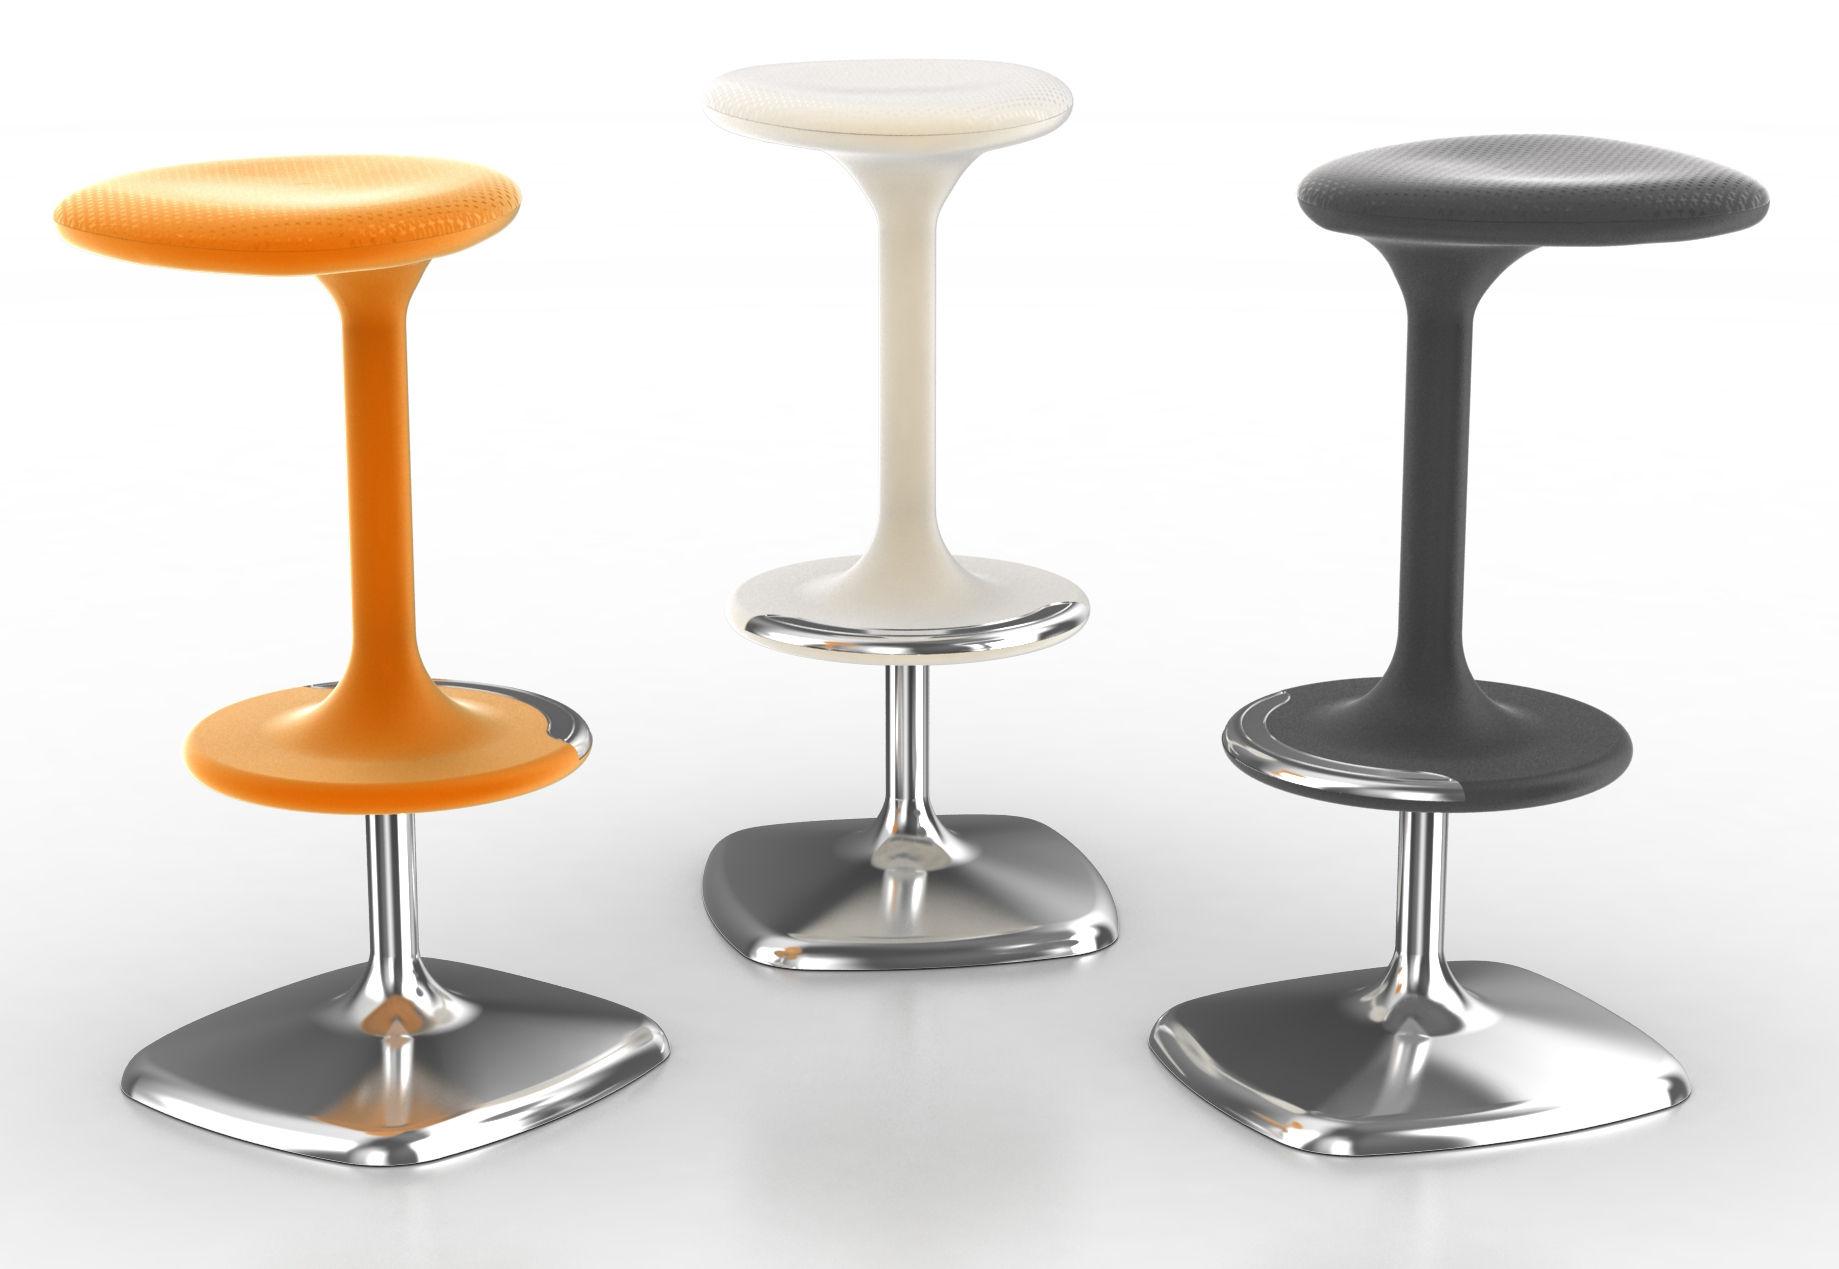 tabouret hauteur 65 cm pas cher. Black Bedroom Furniture Sets. Home Design Ideas